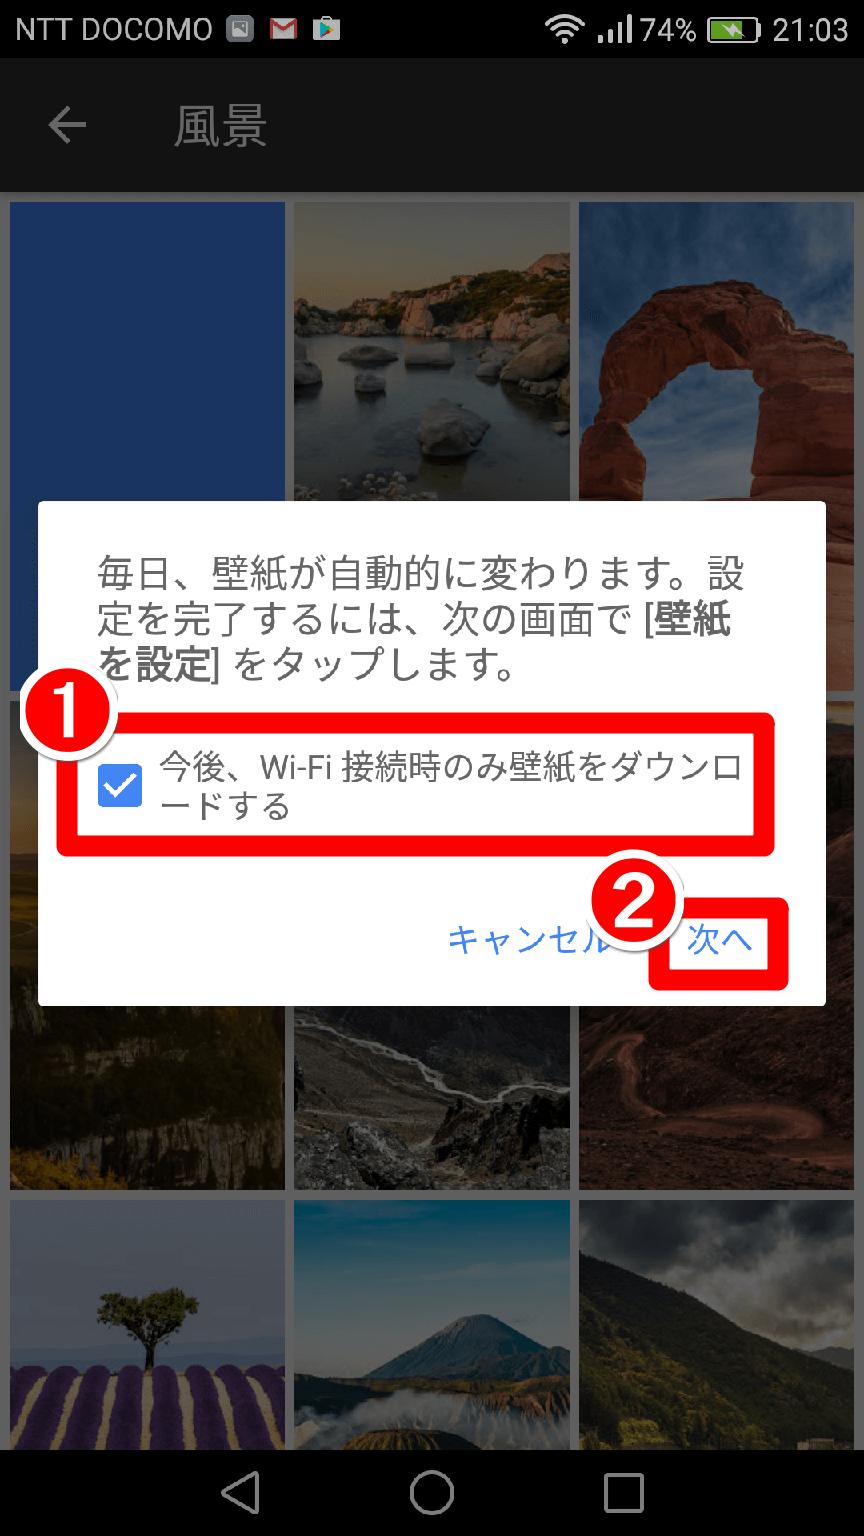 [壁紙]アプリの更新方法確認画面